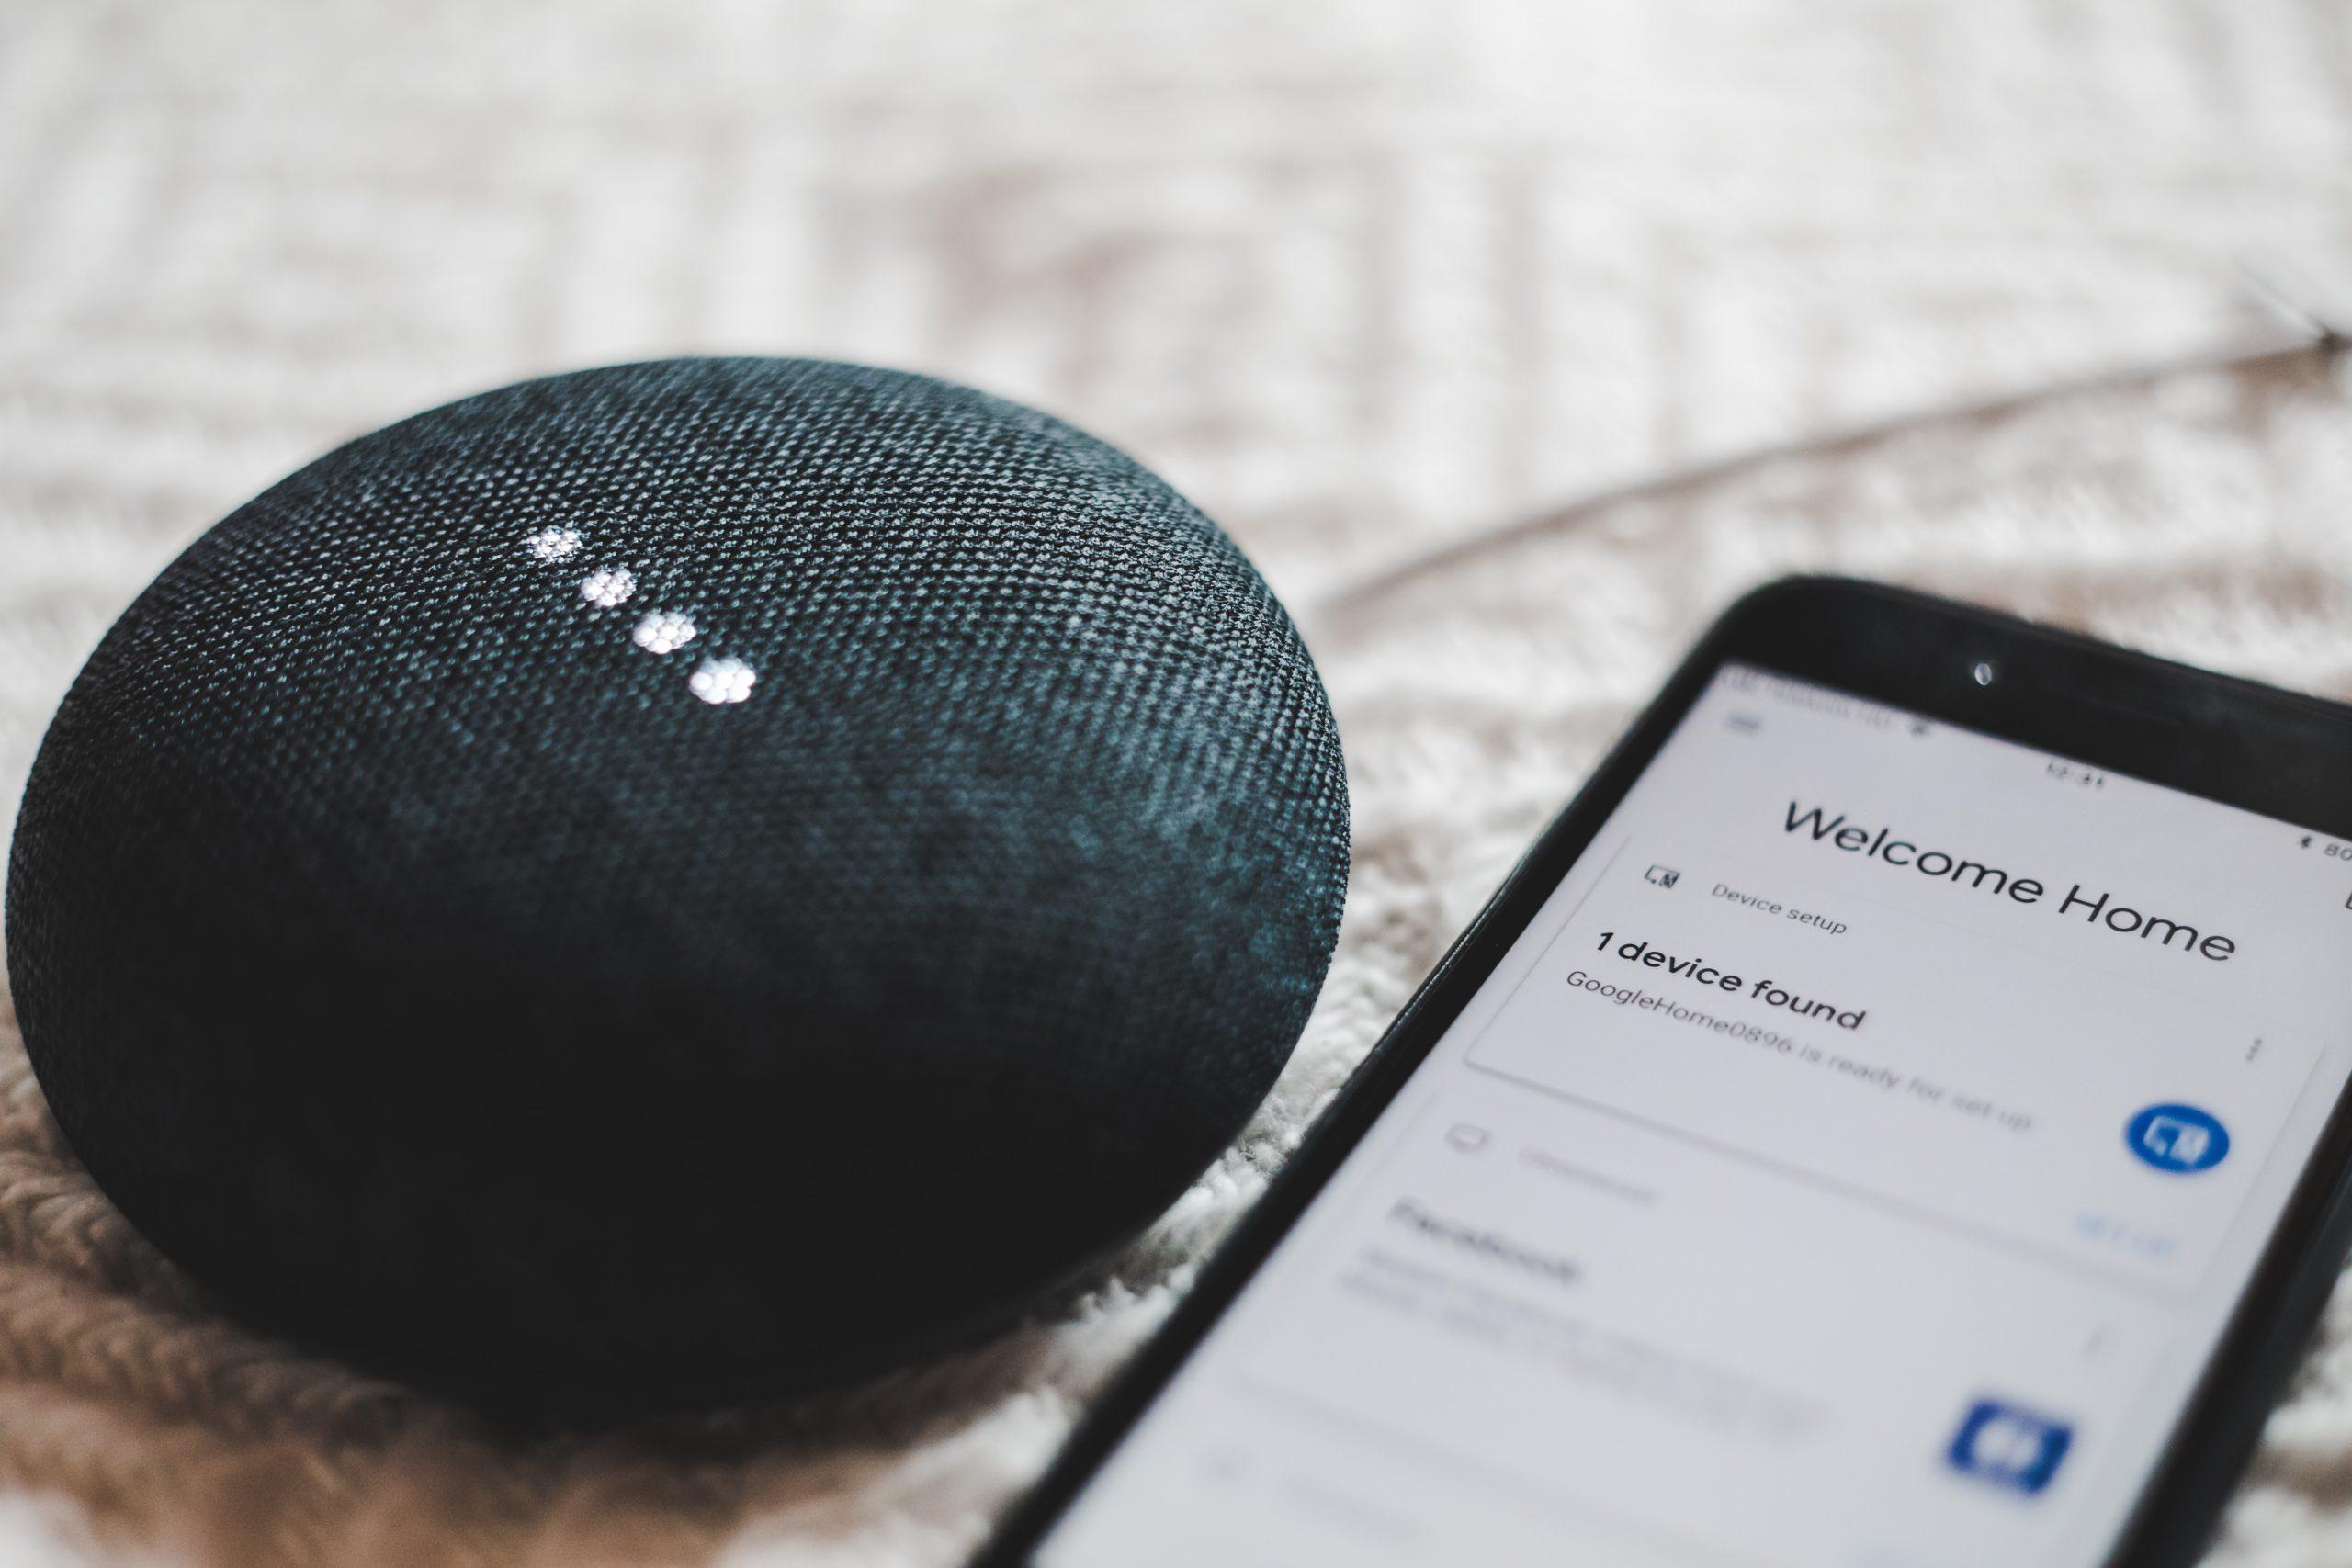 Google Assistant Voice Shortcuts